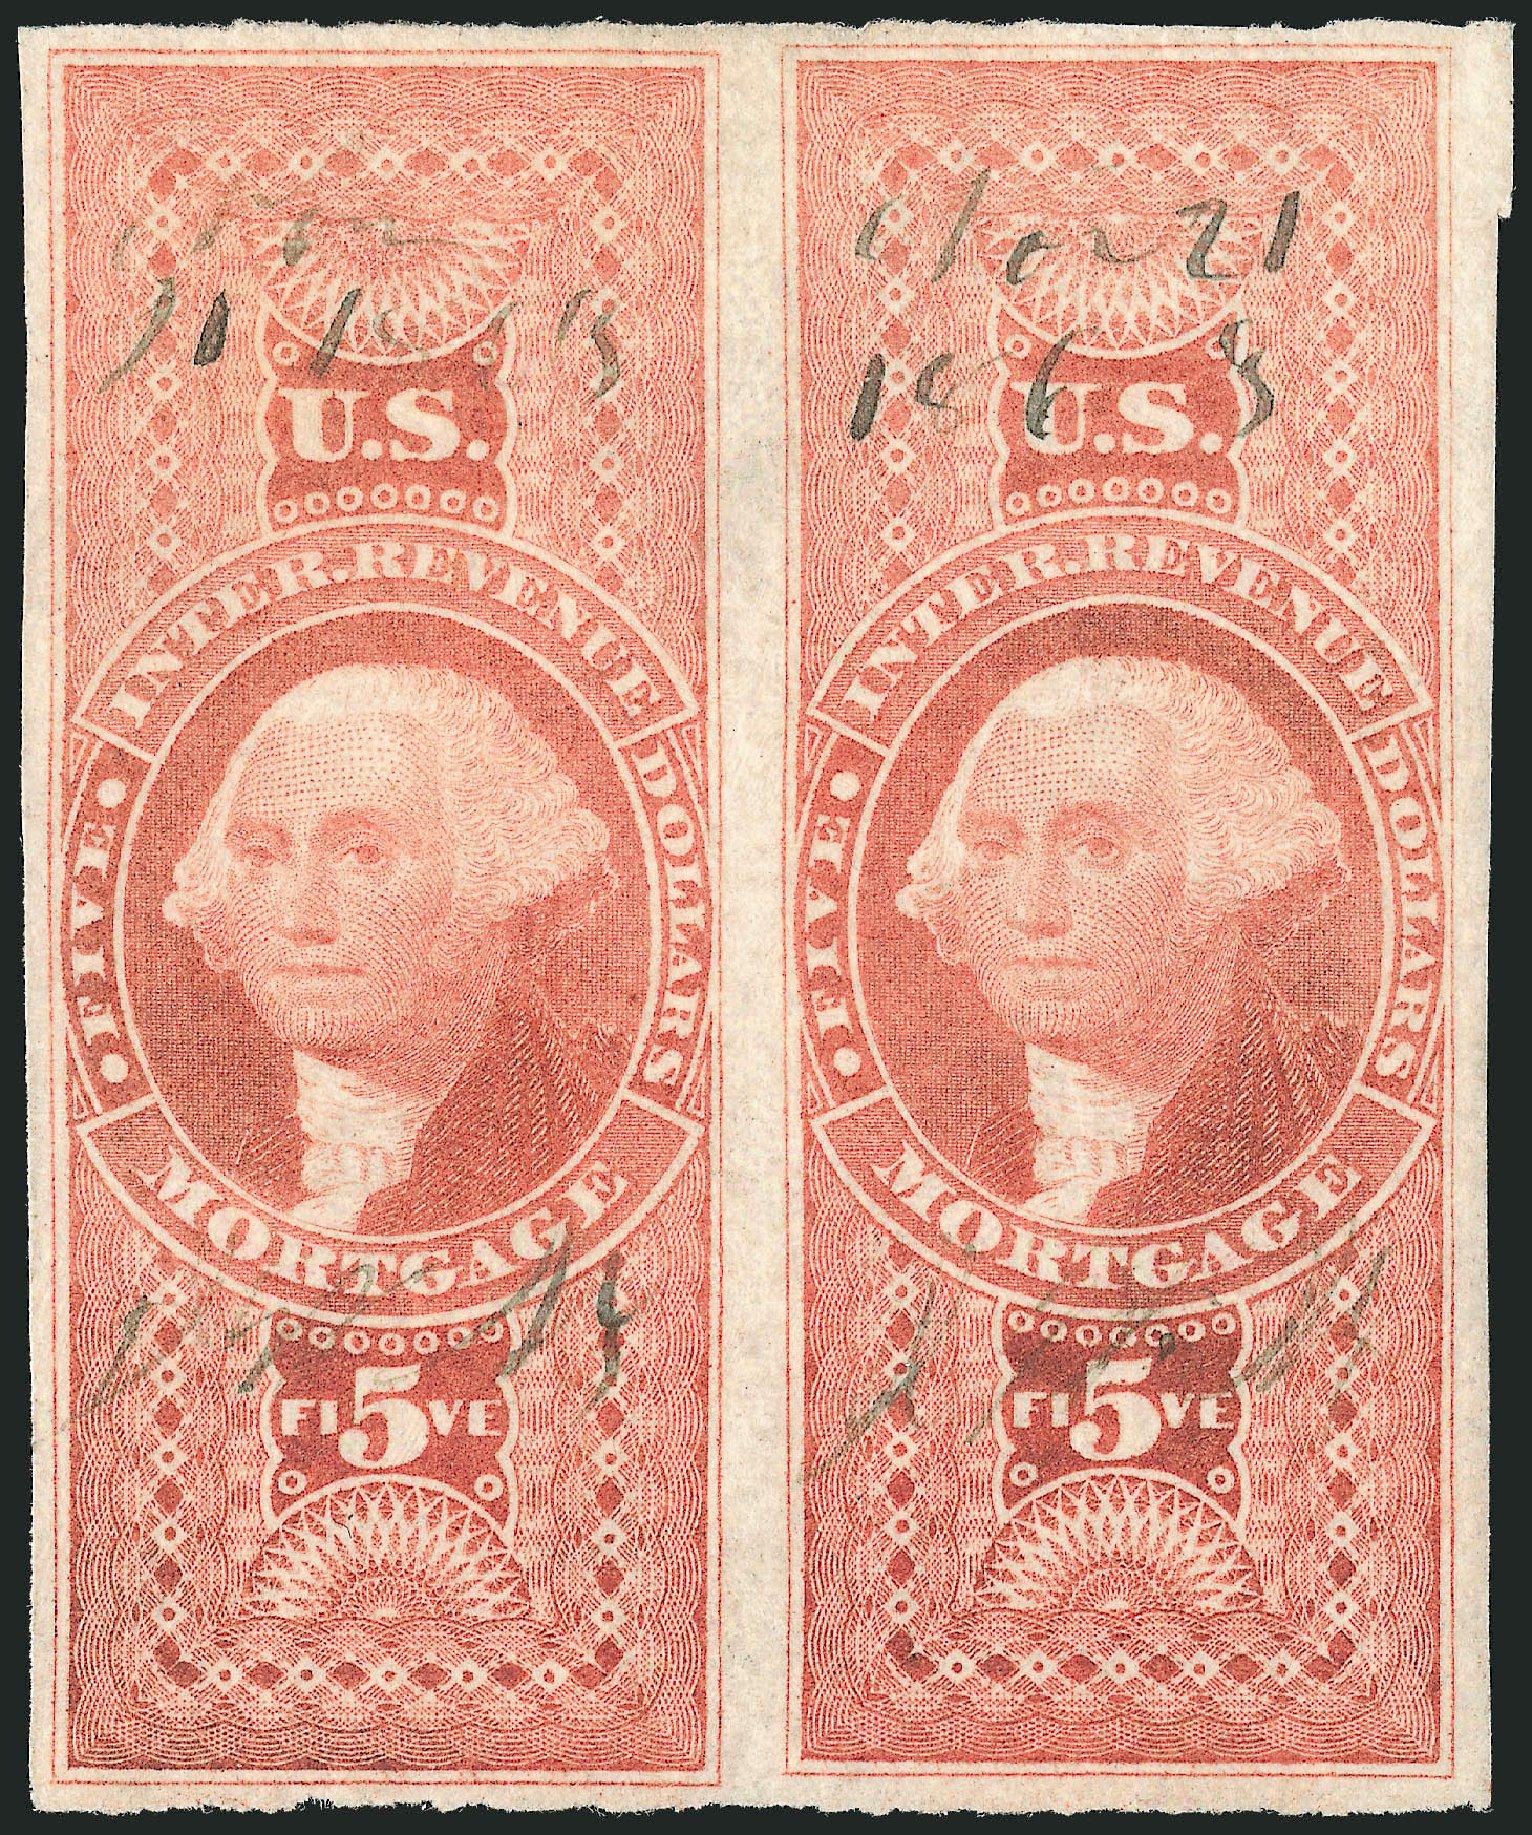 US Stamp Prices Scott Catalogue # R91 - US$5.00 1862 Revenue Mortgage. Robert Siegel Auction Galleries, Dec 2014, Sale 1089, Lot 257